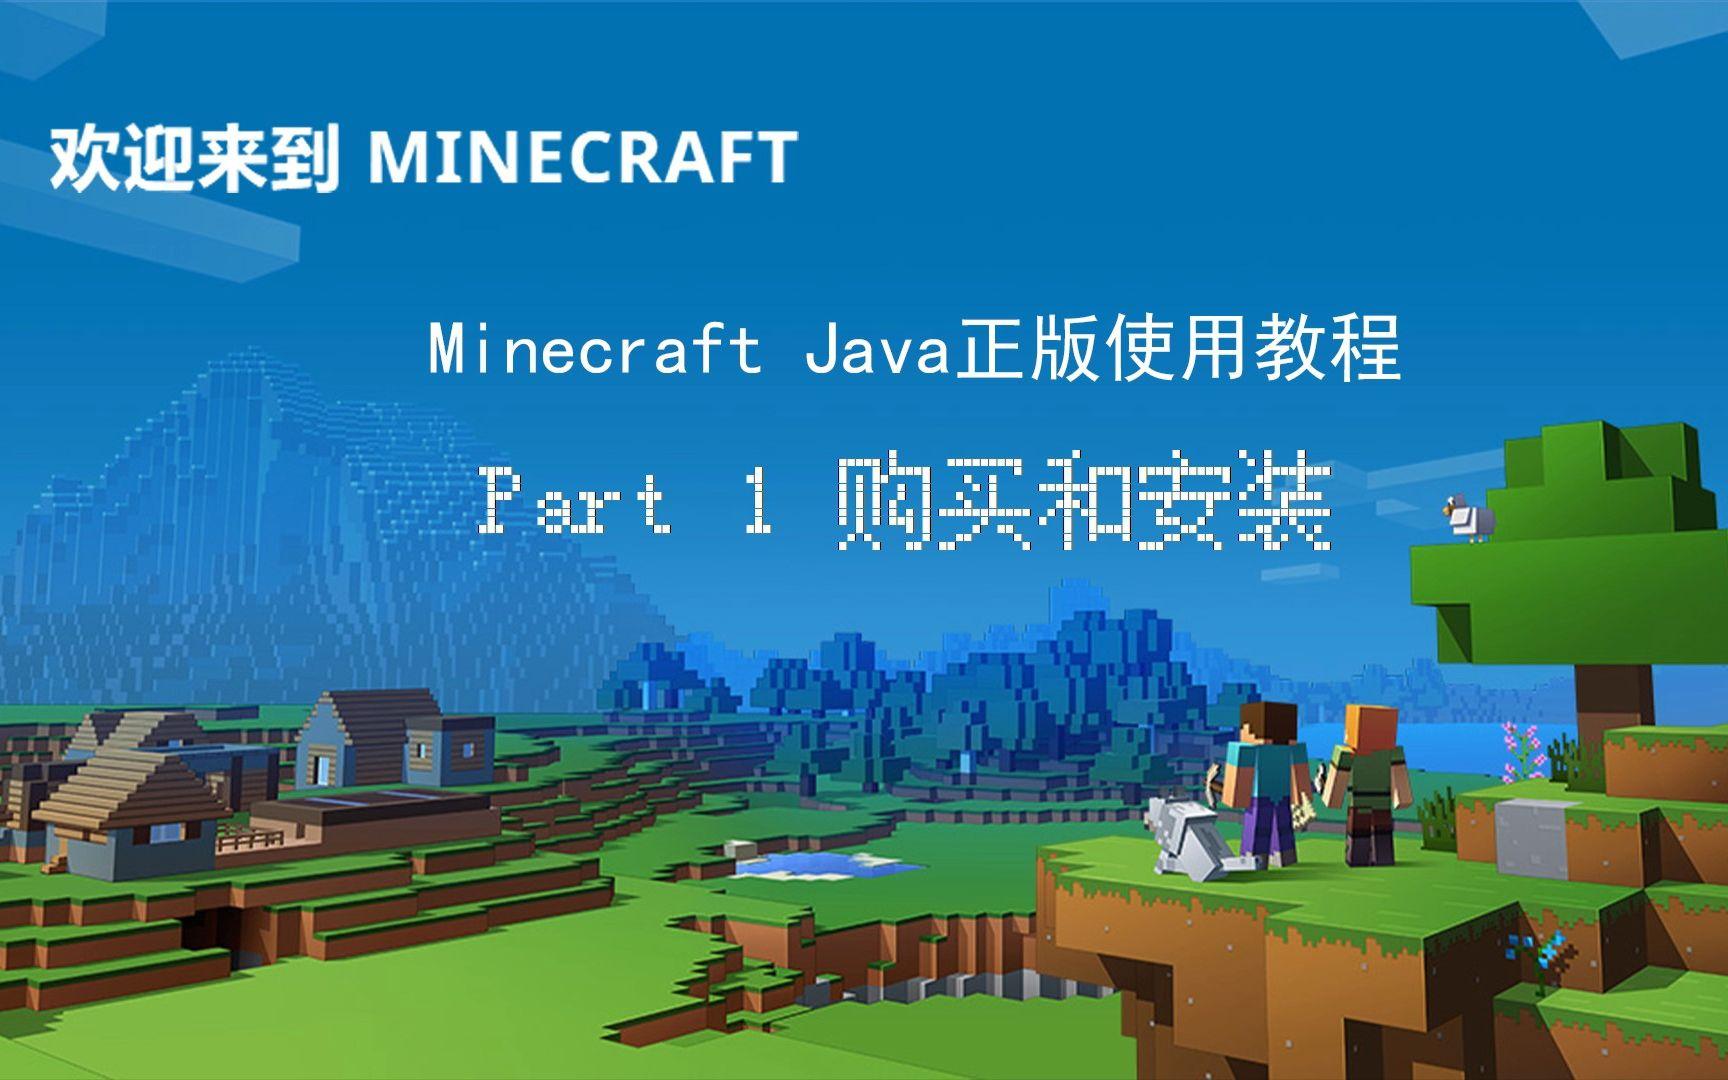 【苦力怕】#Minecraft#Java正版指南-Pt.1購買和安裝_嗶哩嗶哩 (゜-゜)つロ 干杯~-bilibili